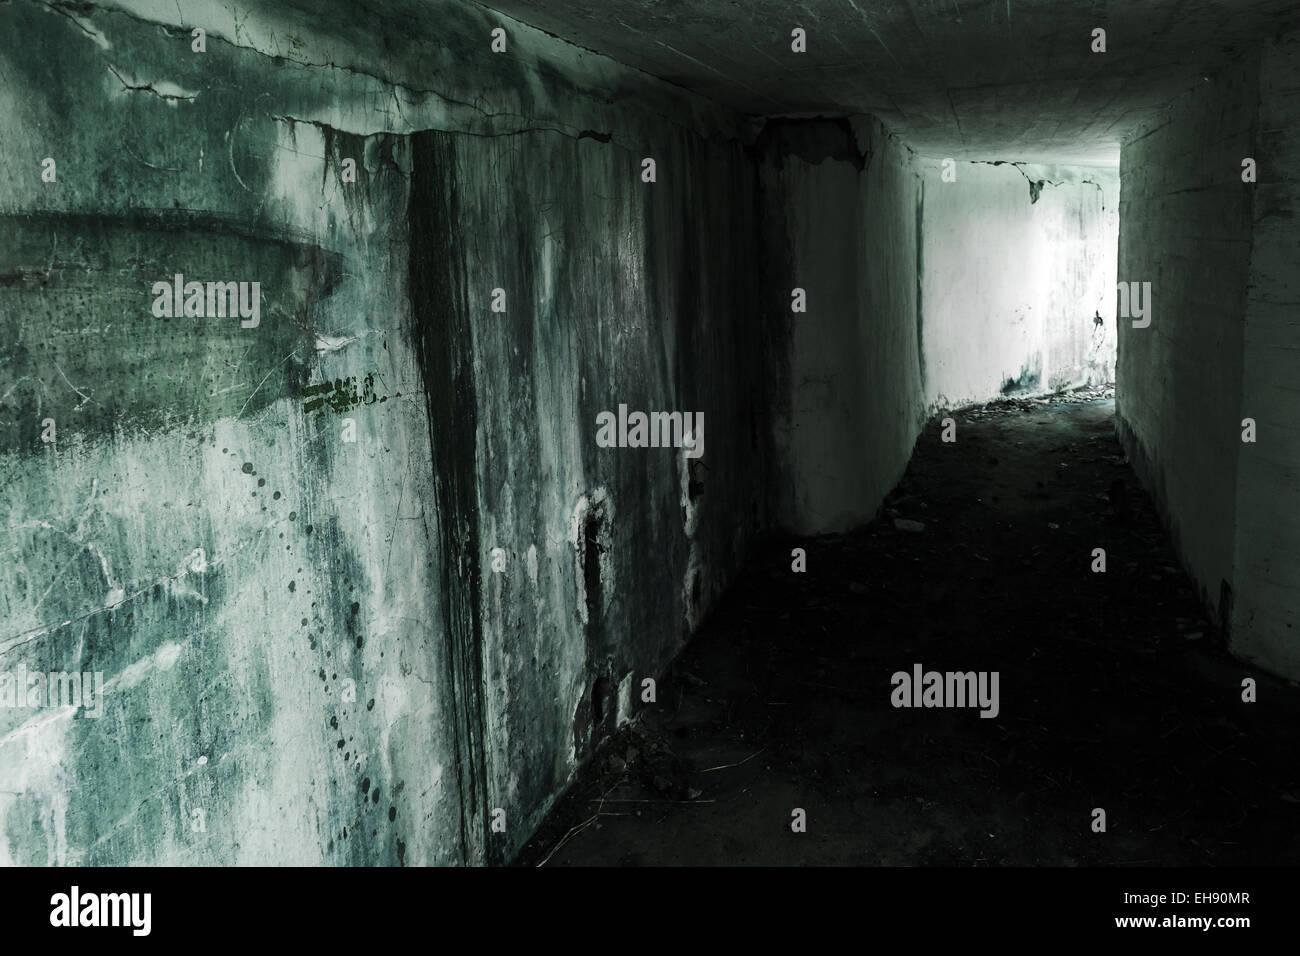 Leere verlassenen Bunker Interieur mit glühenden Ende des dunklen ...